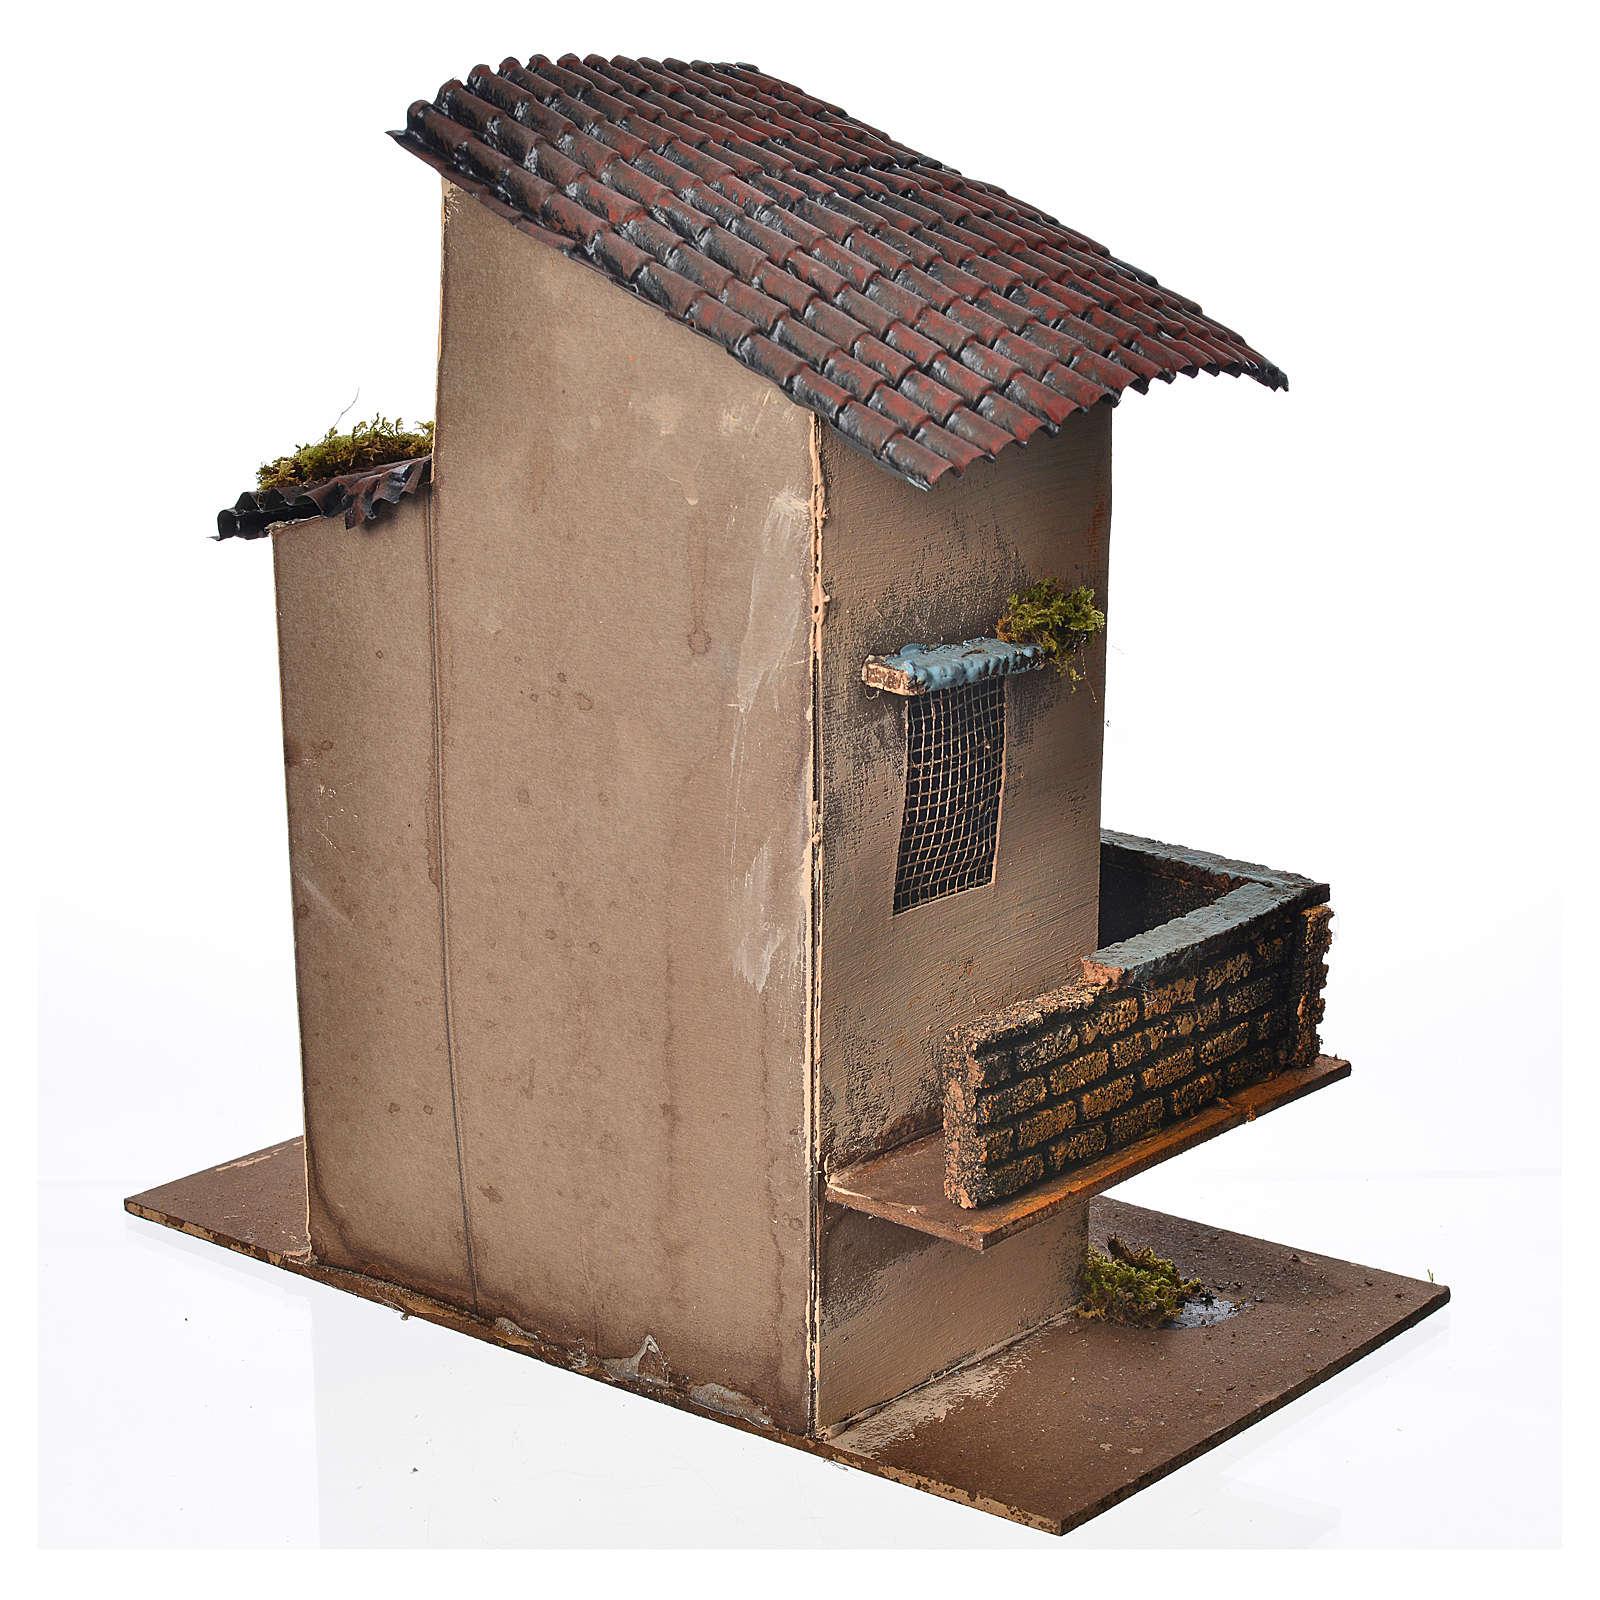 Maison orange balcon et escalier 28x15x27 cm 4